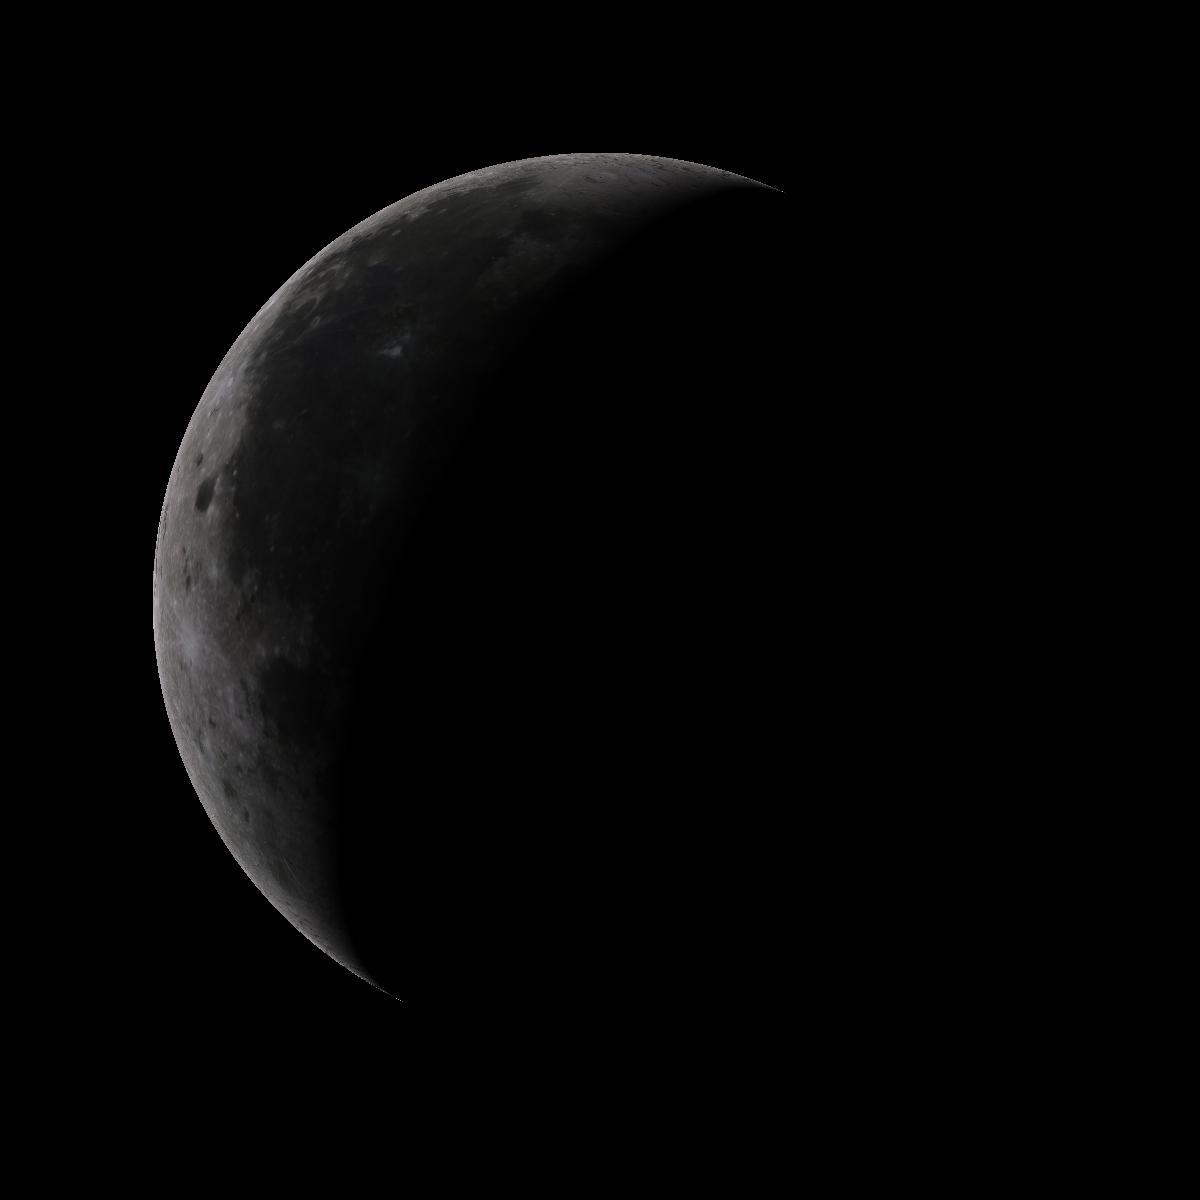 Lune du 29 mai 2019